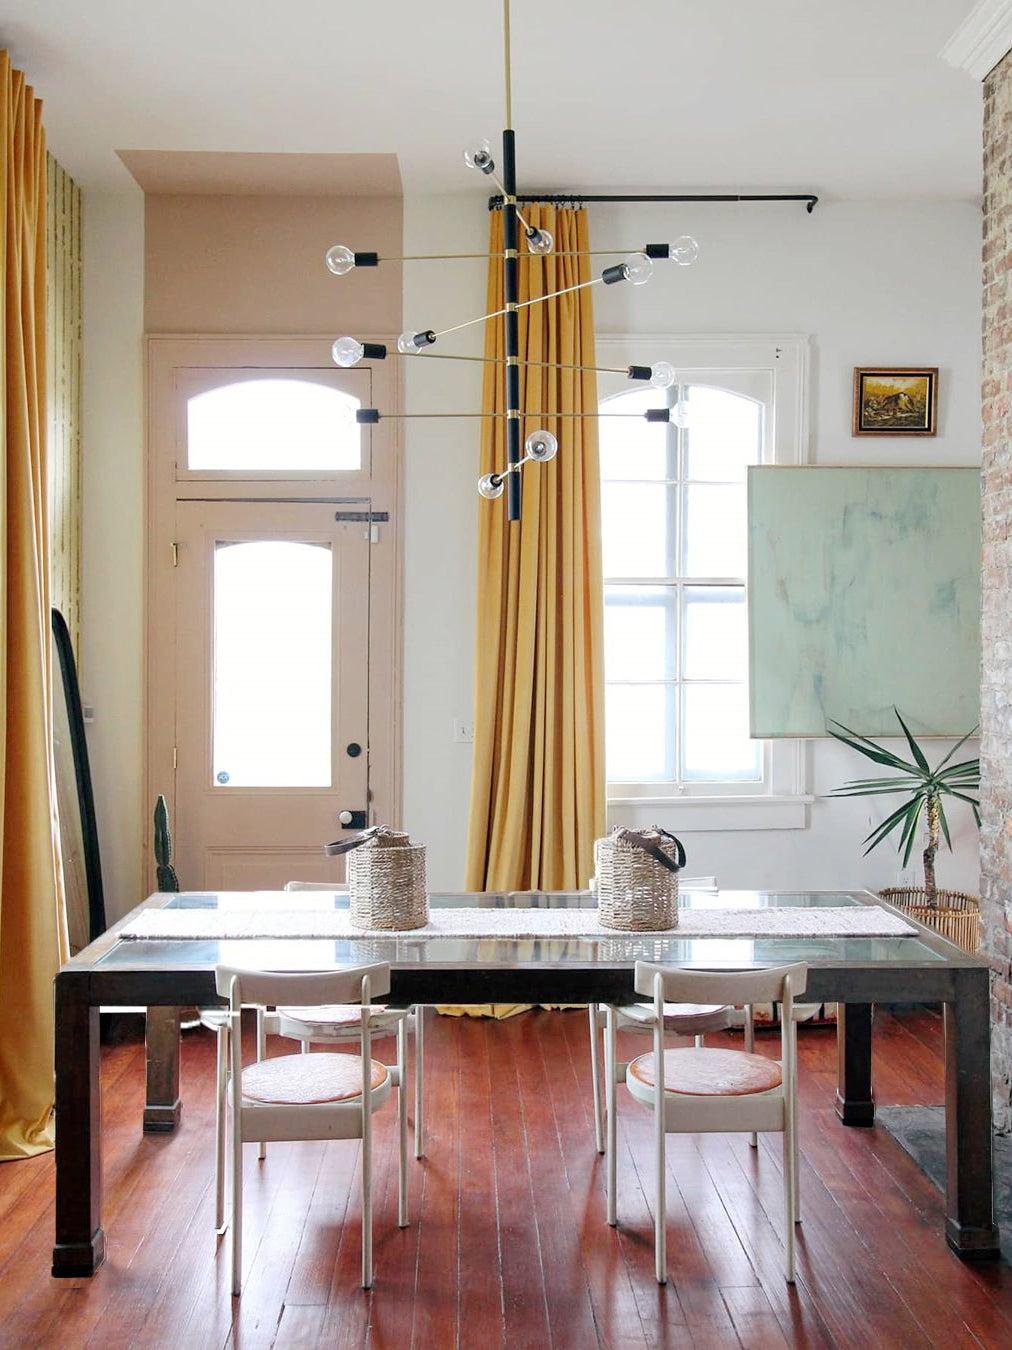 00-FEATURE-Liz-Kamarul-Door-paint-project-domino